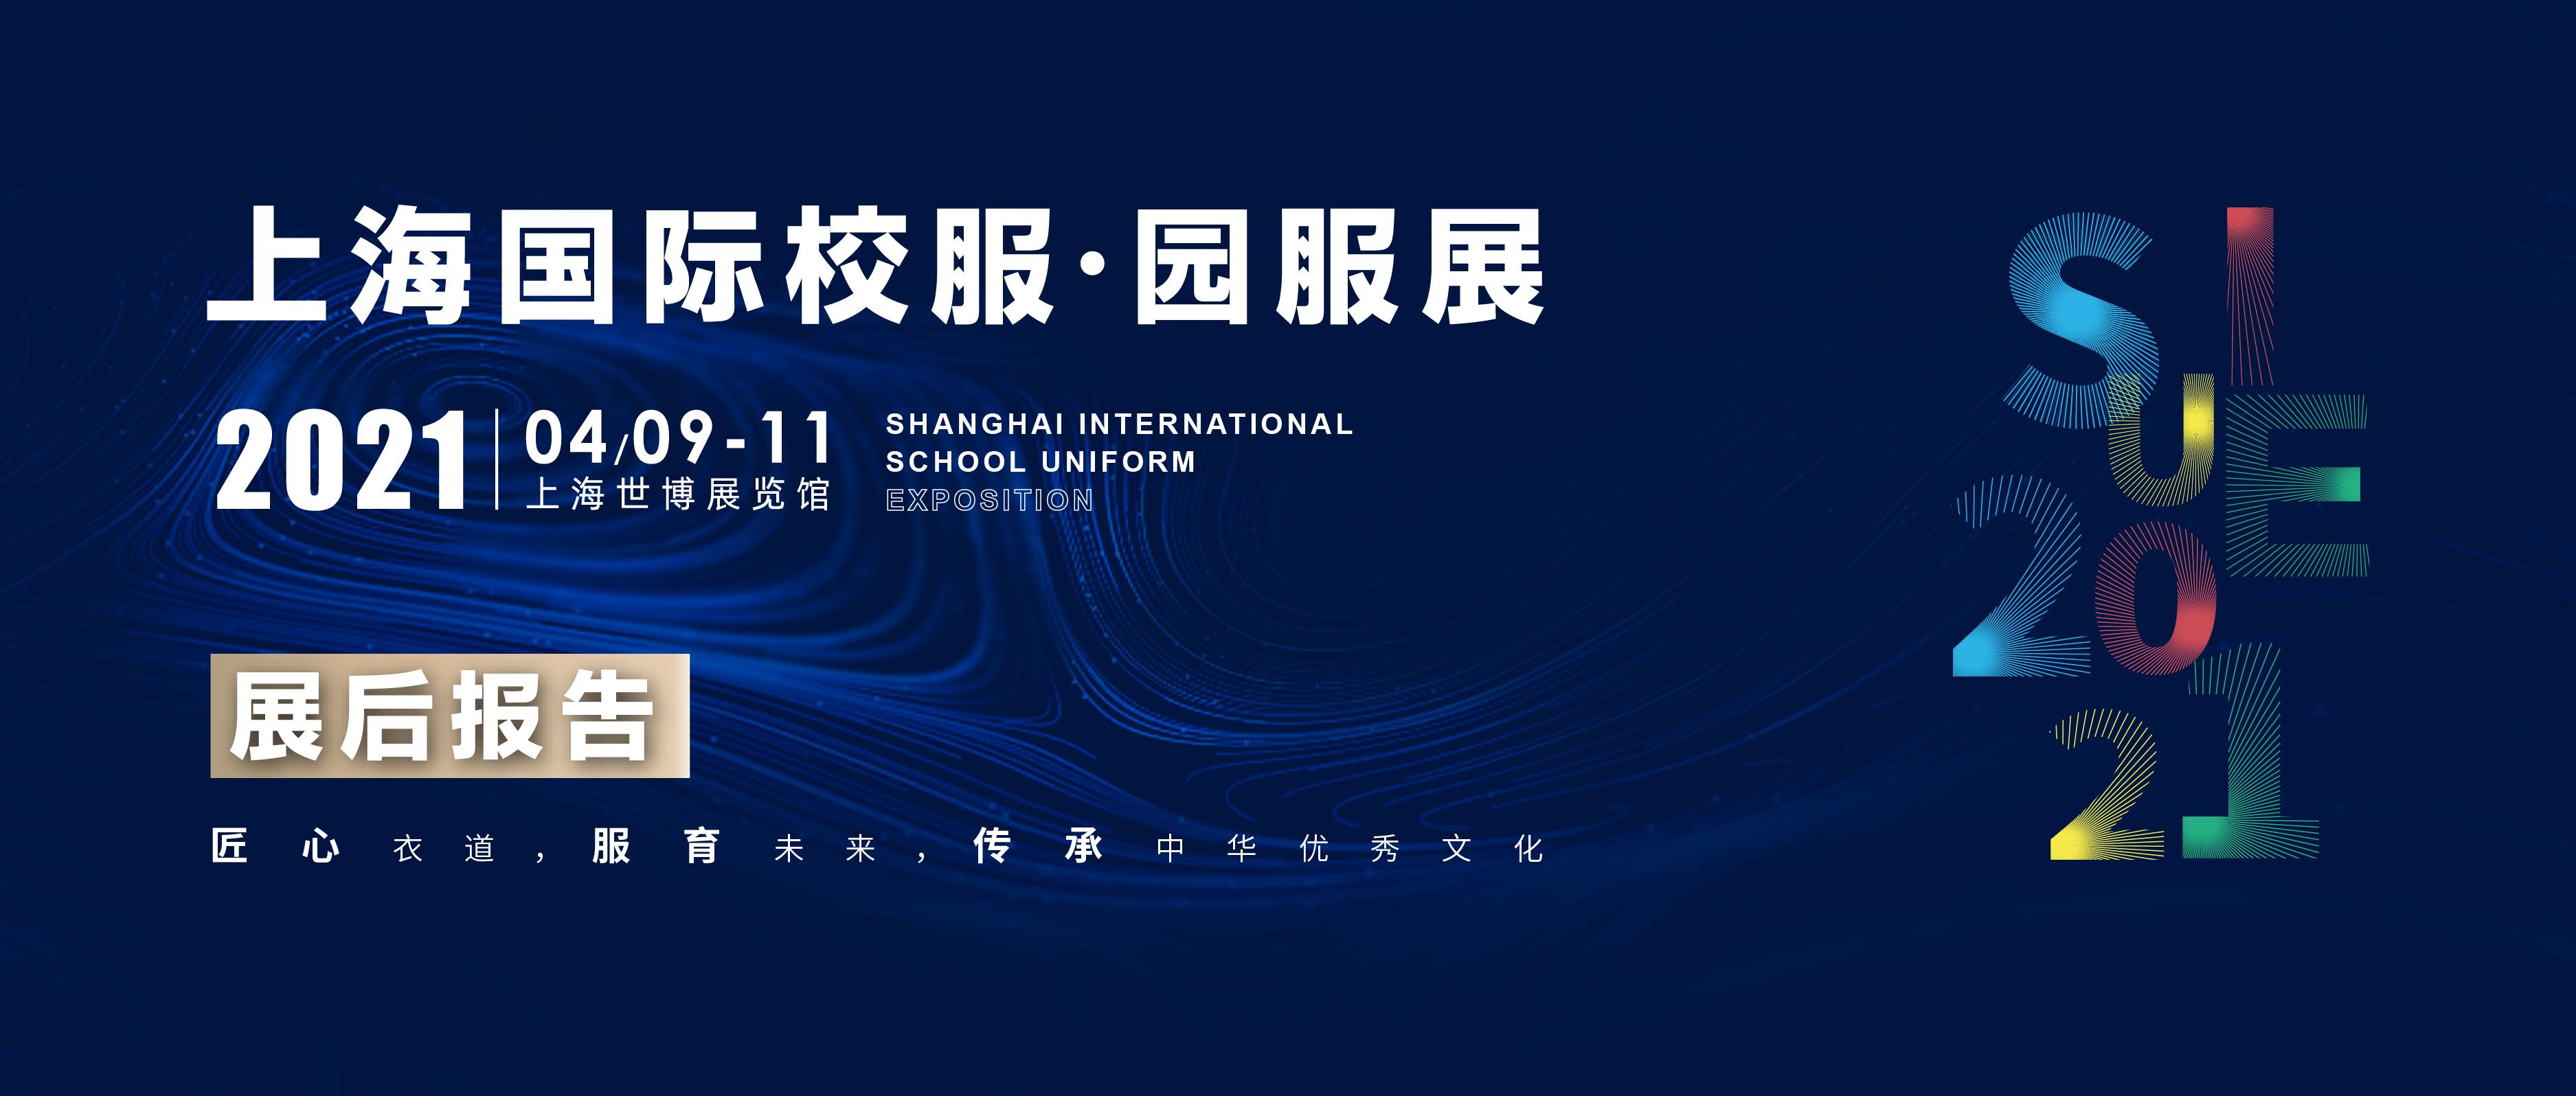 展后报告 | 带您全方位回顾 2021上海国际校服·园服展!